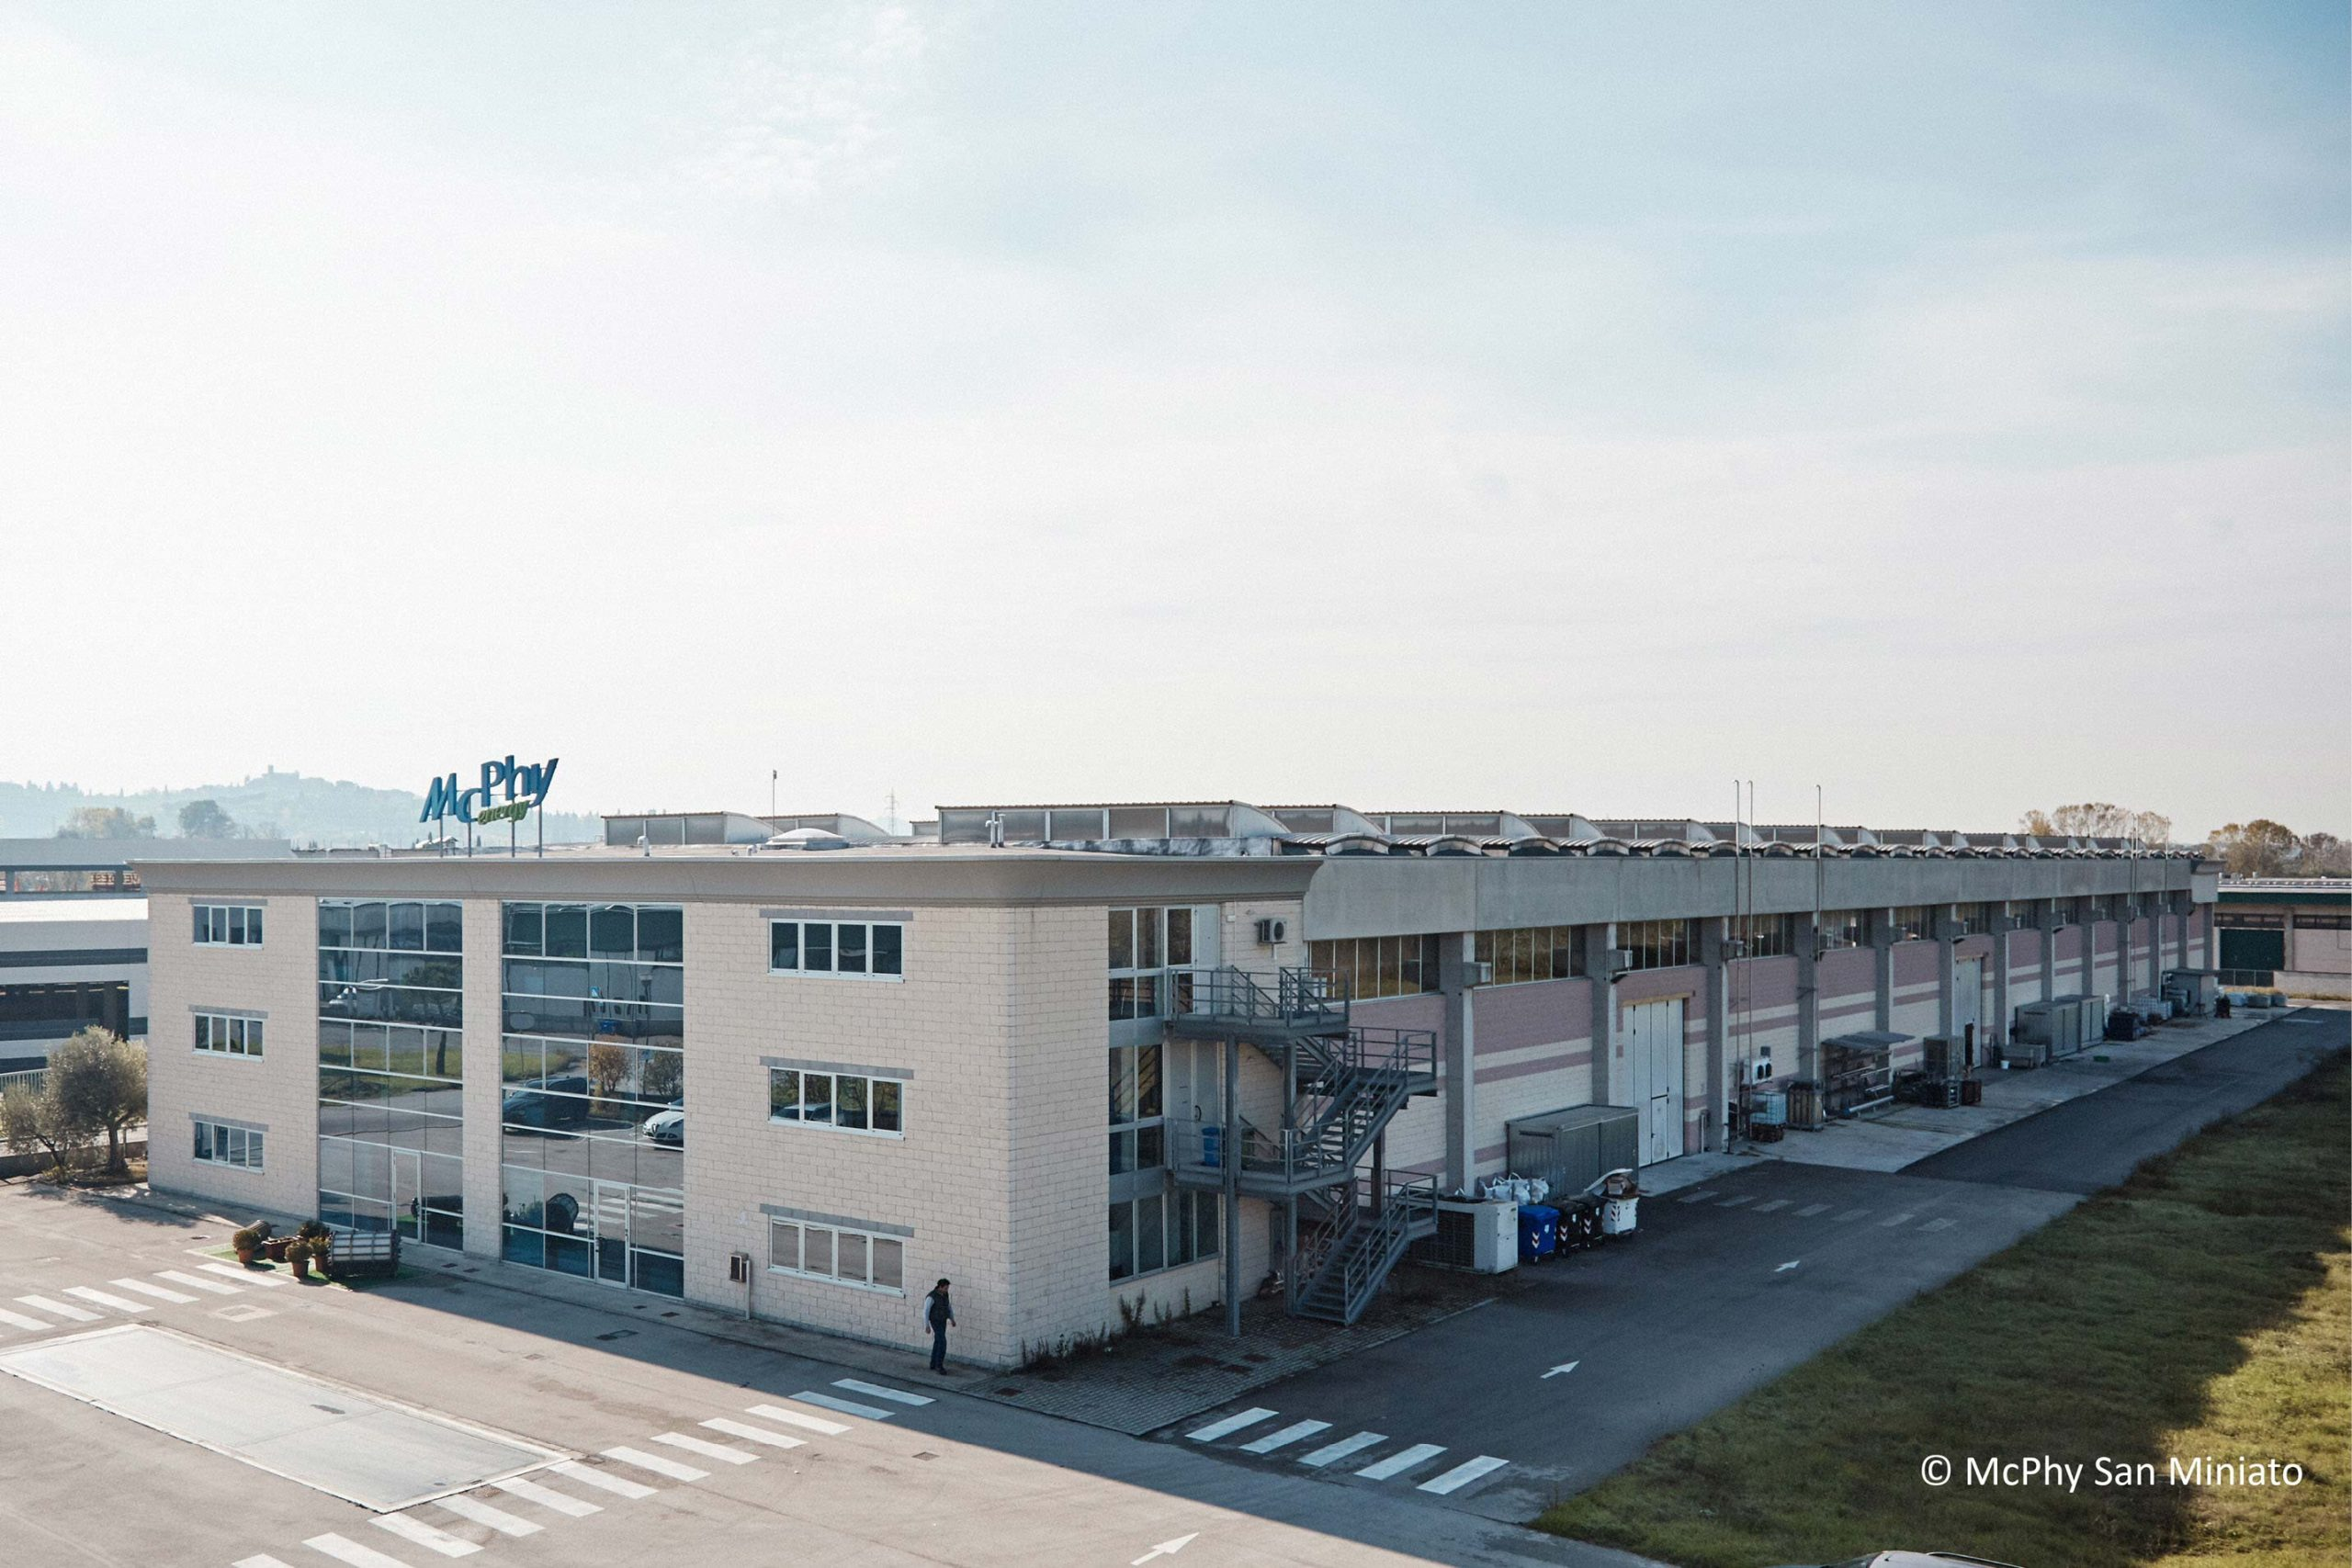 Lundi, le comité Maugis a annoncé soutenir le projet de l'industriel McPhy Energy, à la condition qu'il installe son usine d'électrolyseurs dans le secteur de Belfort-Montbéliard